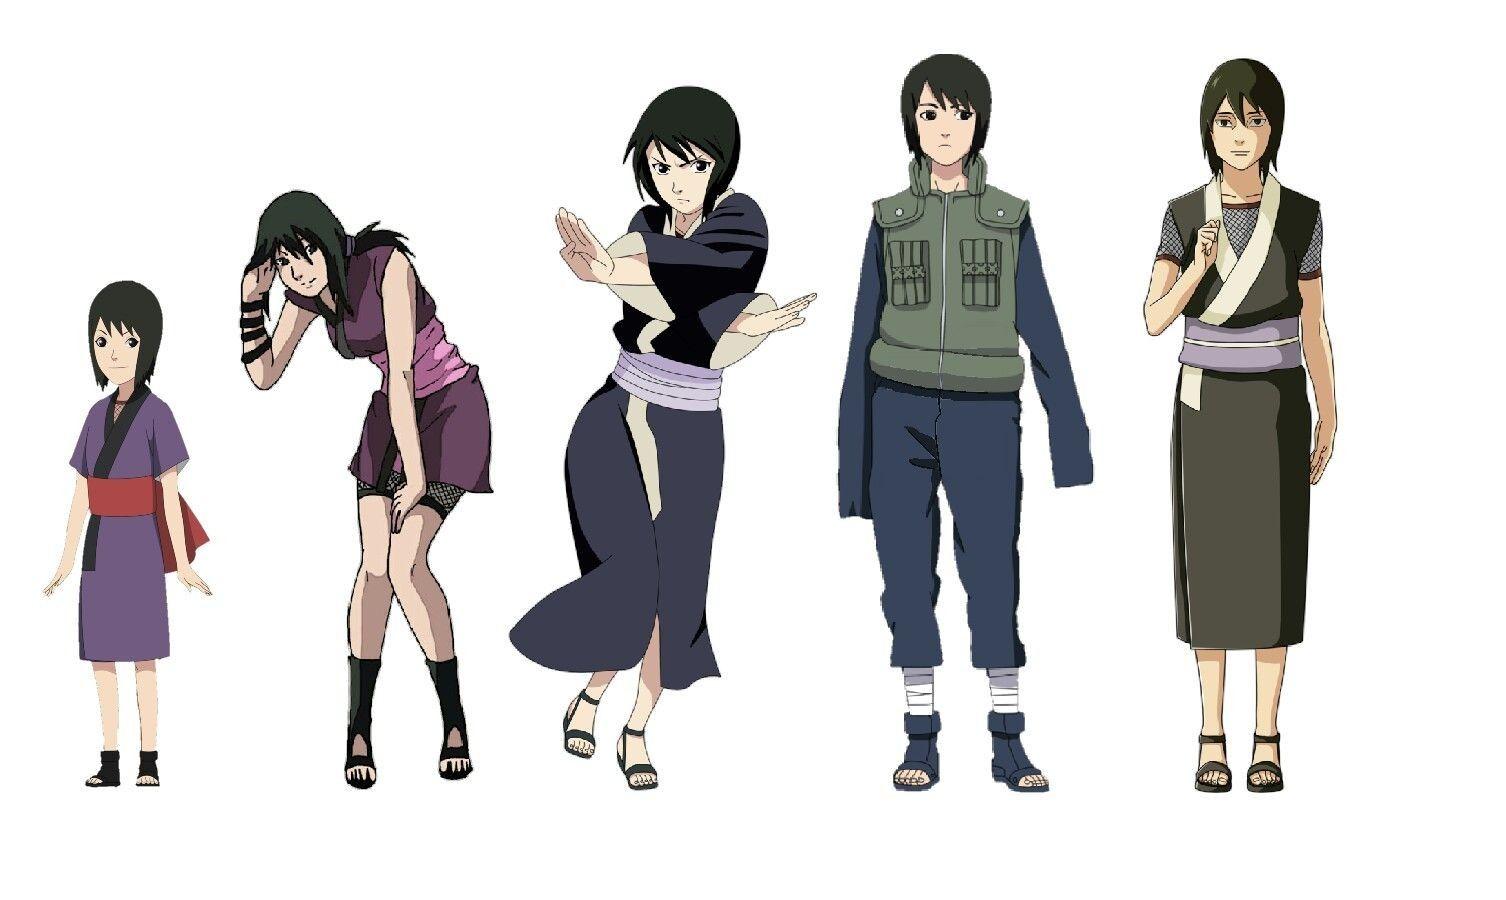 Kato shizune | Anime, Naruto, Personagens